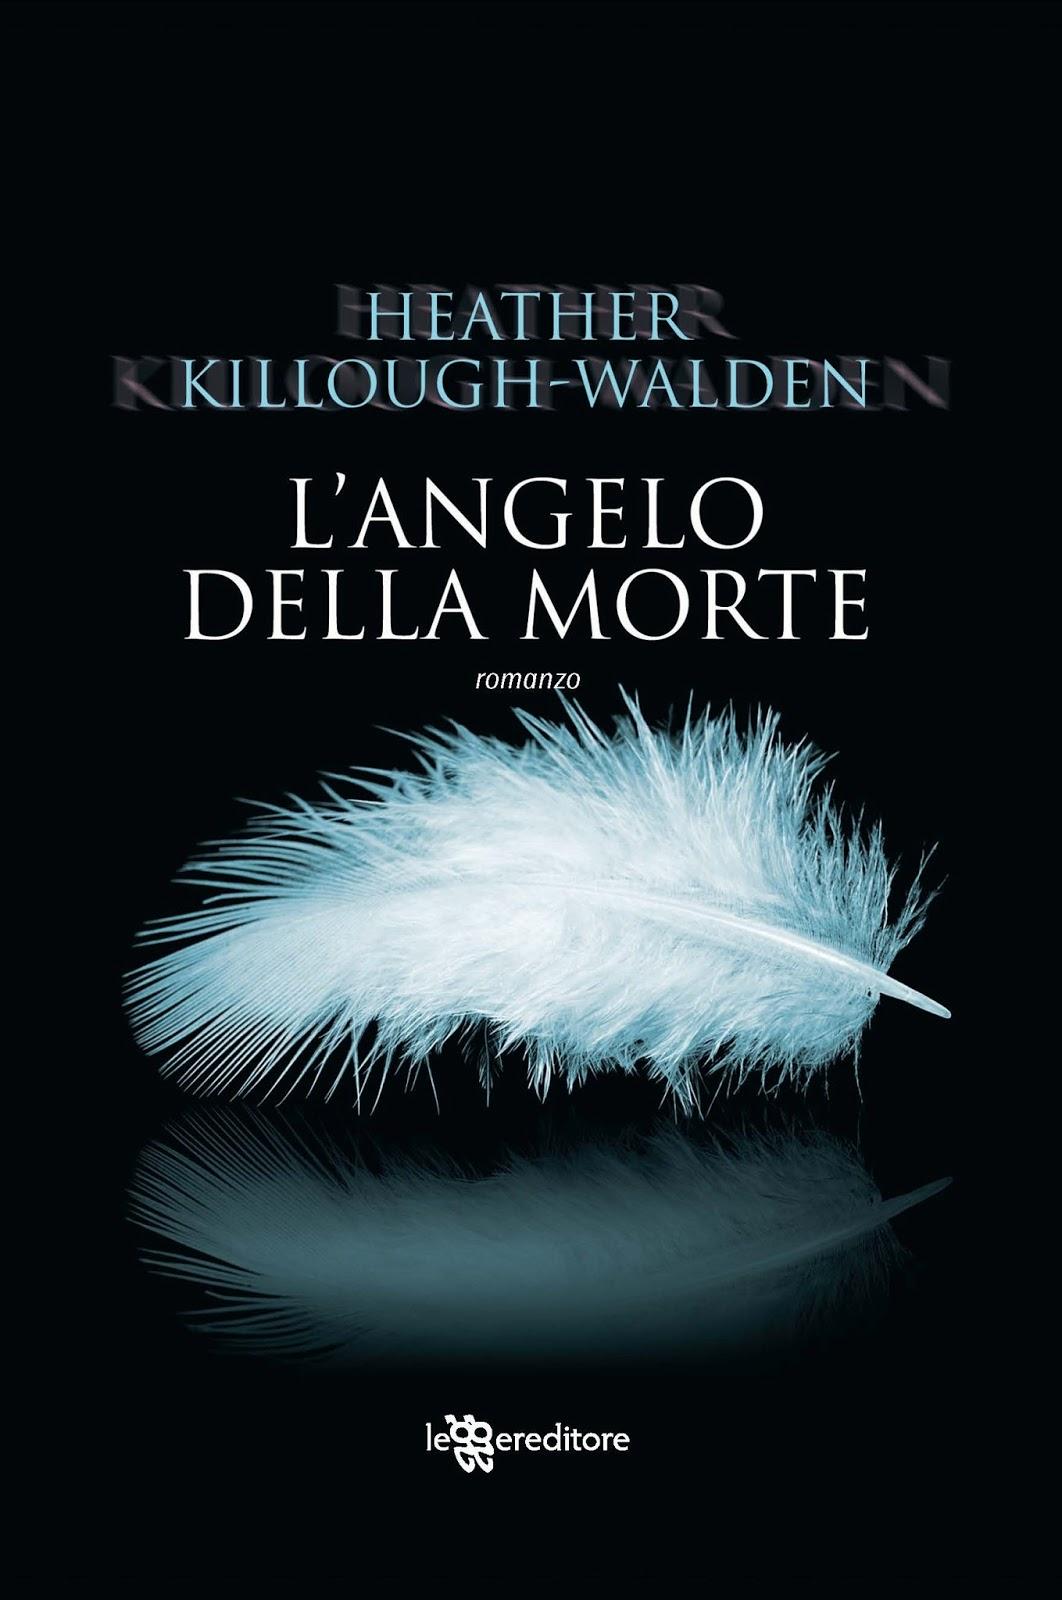 L'angelo della morte heather killough-walden